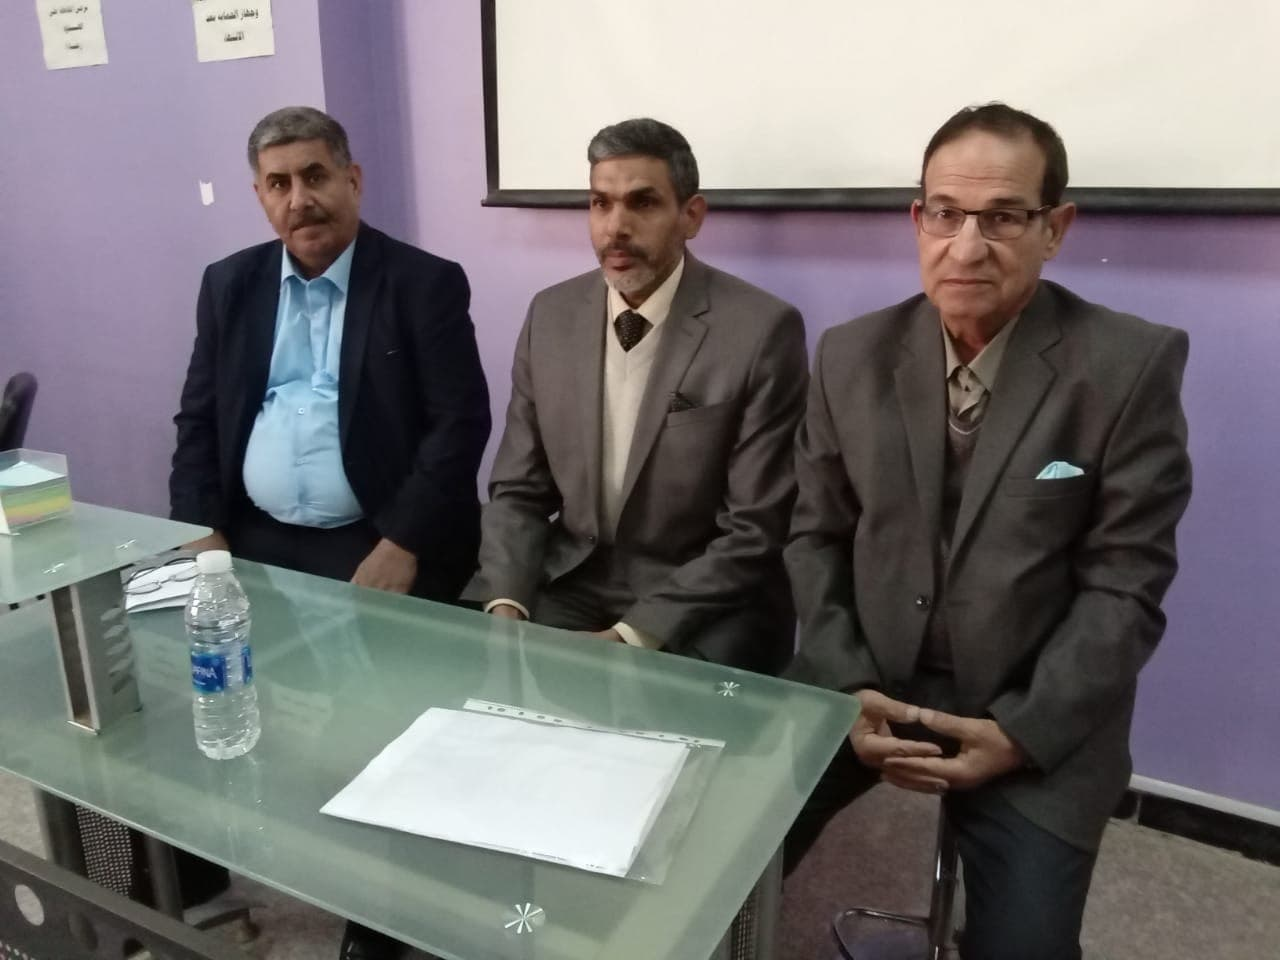 جامعة المثنى تنظم ندوة بمناسبة الذكرى المائة لتأسيس الجيش العراقي